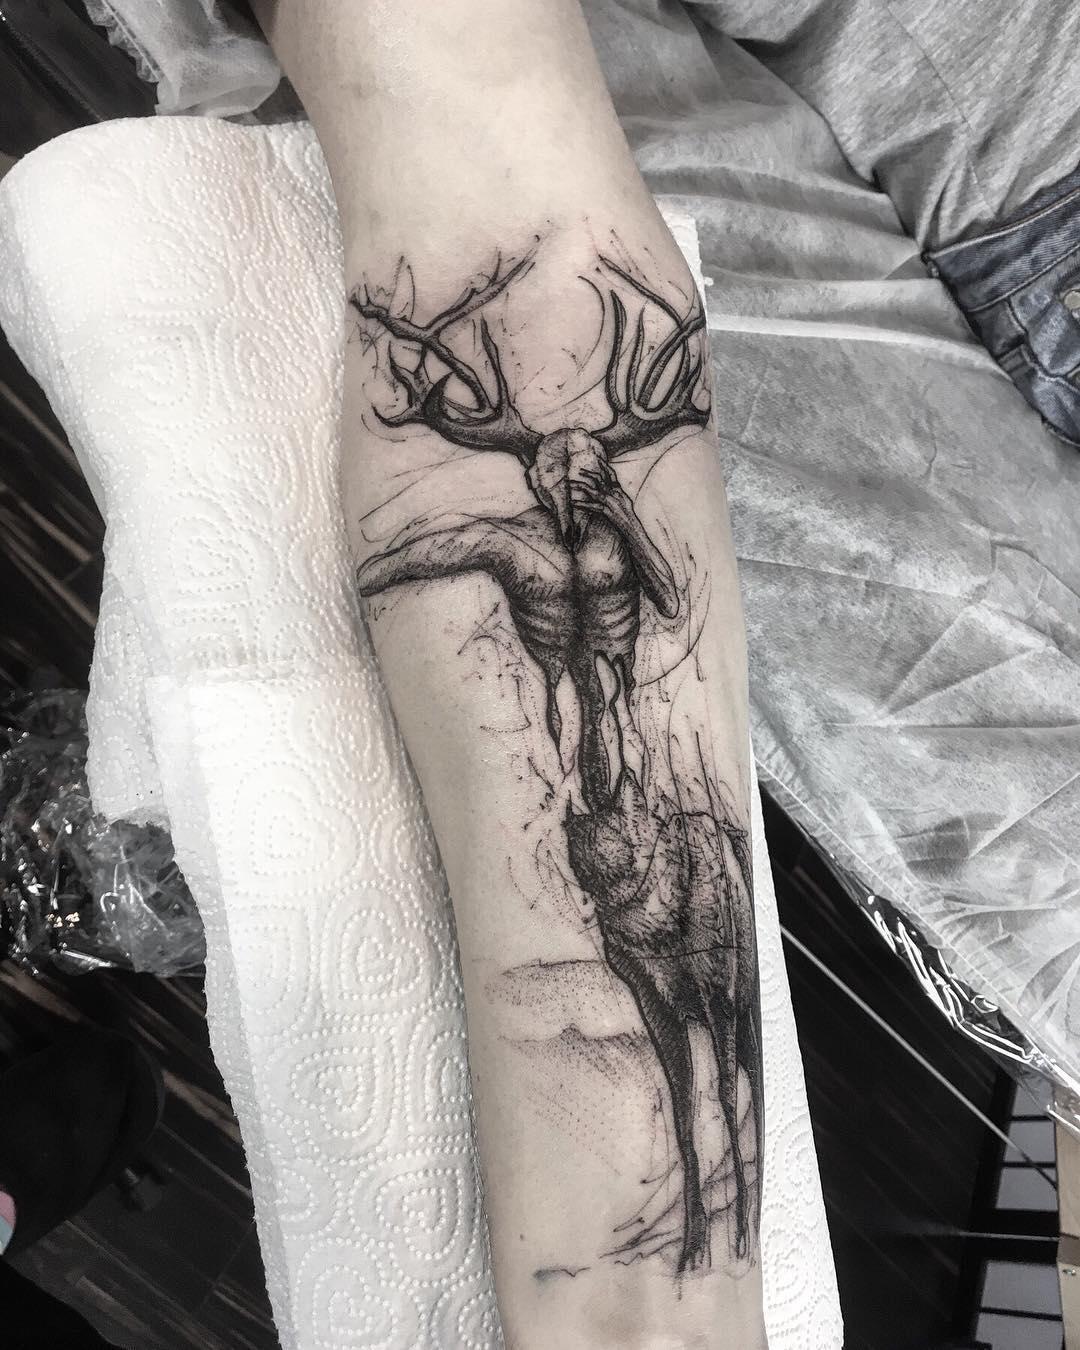 深圳纹彩刺青 纹身图案大全  时间:2019-03-05 14:44